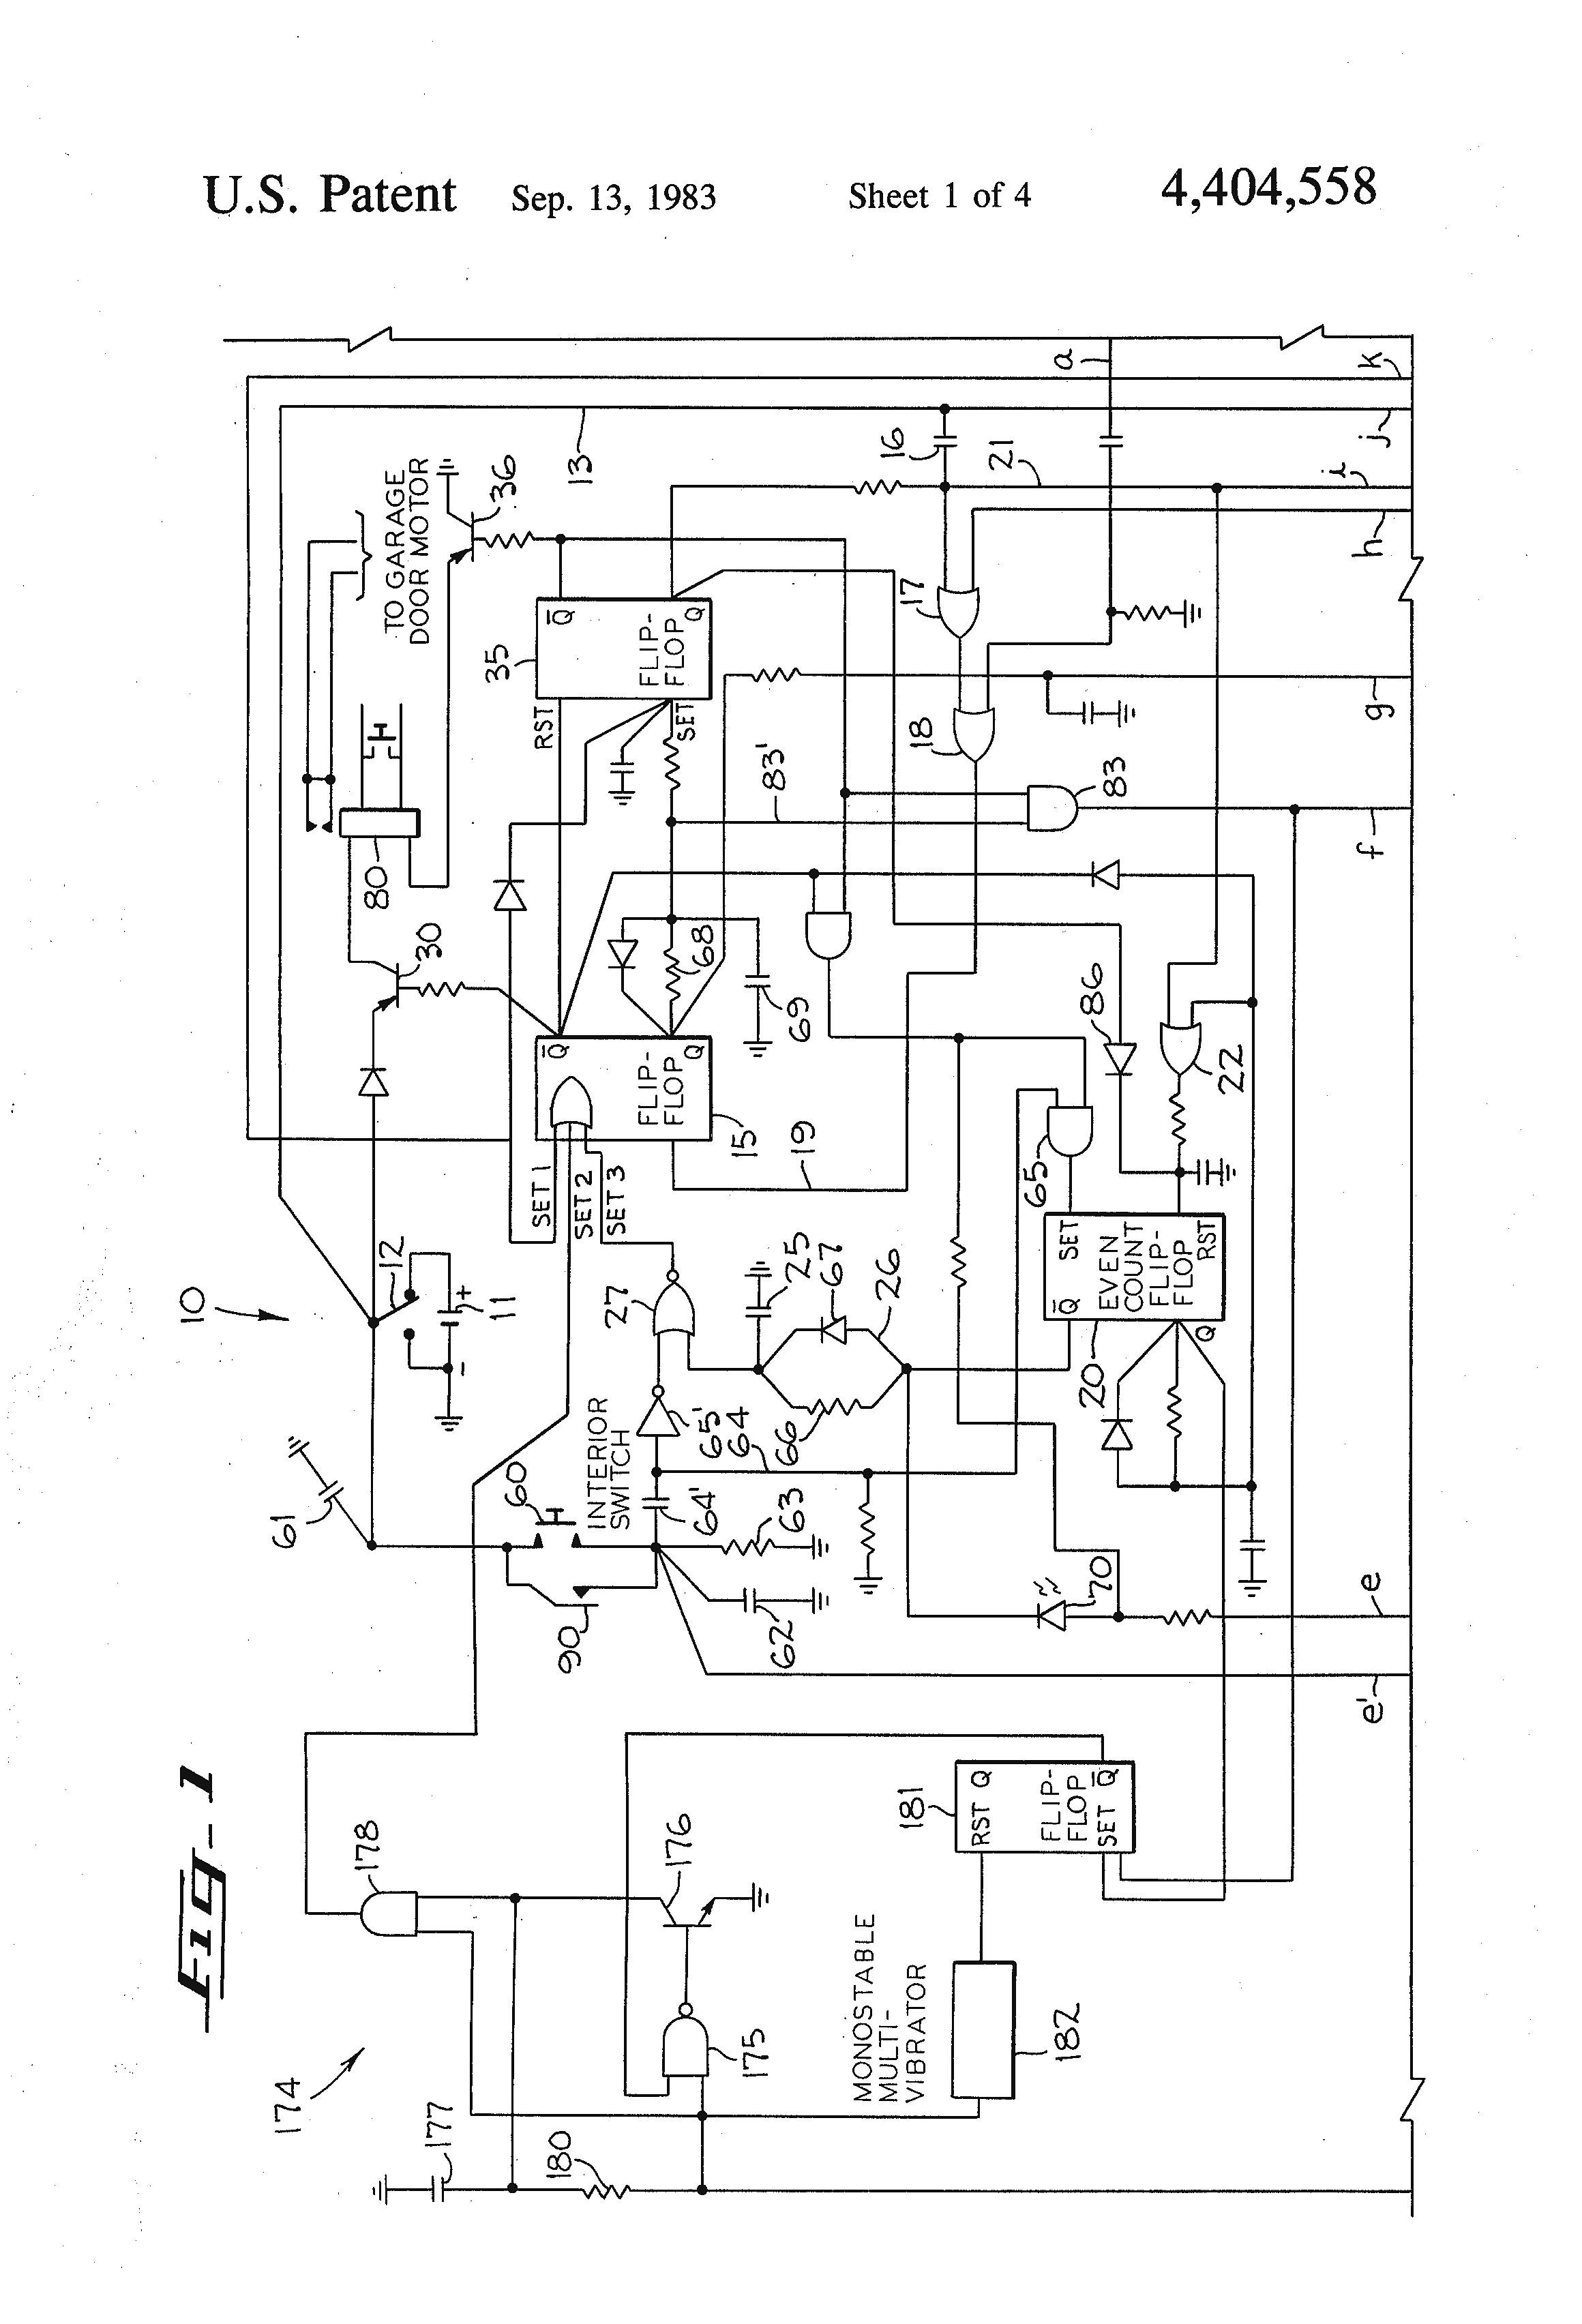 wiring diagram for craftsman garage door opener - wiring diagram for 2 car  garage inspirationa craftsman